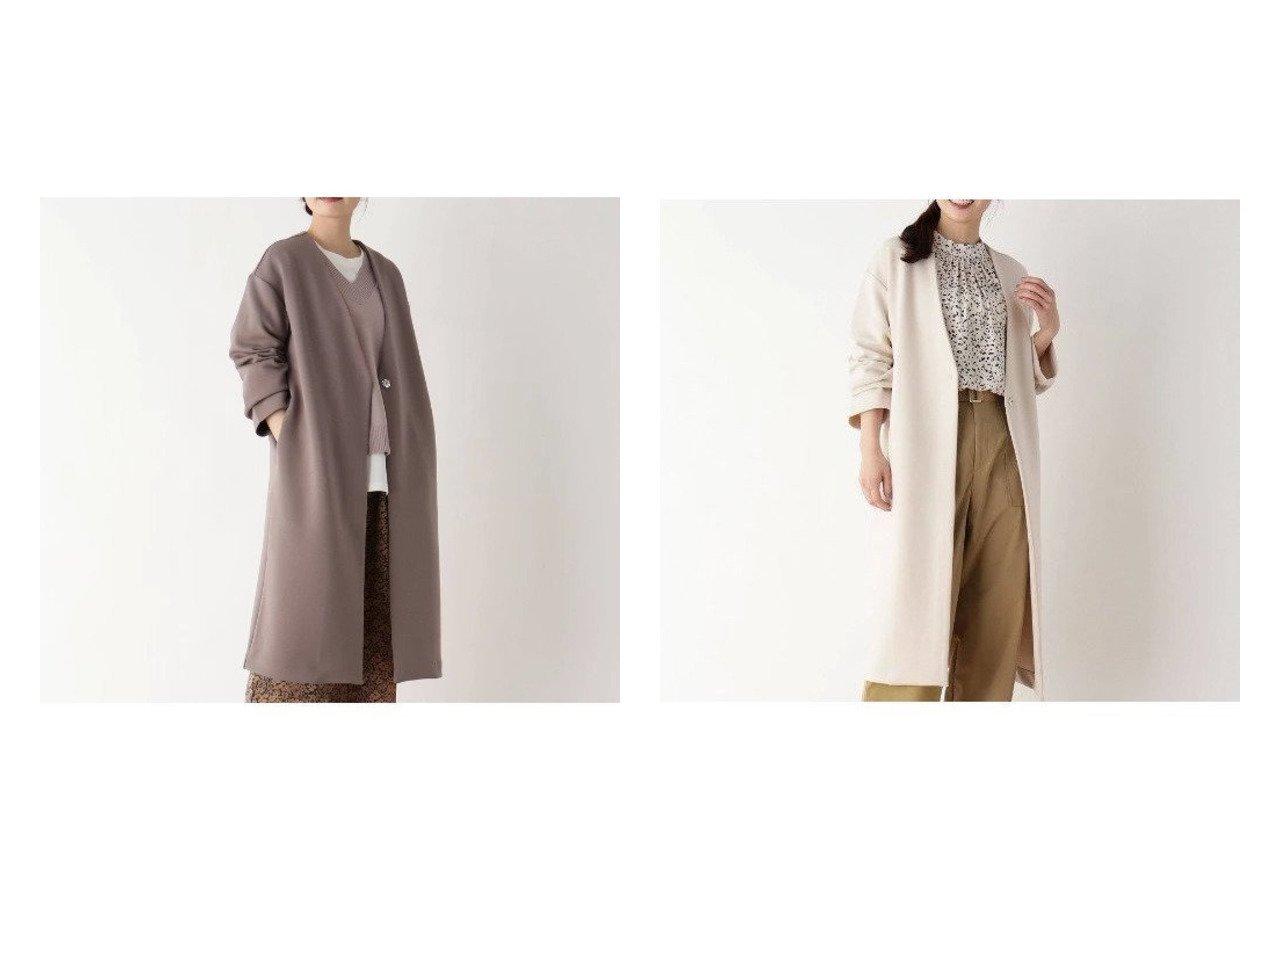 【pink adobe/ピンクアドベ】のVネックコーディガン トップス・カットソーのおすすめ!人気、トレンド・レディースファッションの通販 おすすめで人気の流行・トレンド、ファッションの通販商品 メンズファッション・キッズファッション・インテリア・家具・レディースファッション・服の通販 founy(ファニー) https://founy.com/ ファッション Fashion レディースファッション WOMEN トップス カットソー Tops Tshirt カーディガン Cardigans Vネック V-Neck カーディガン コーディガン トレンド ロング |ID:crp329100000024192